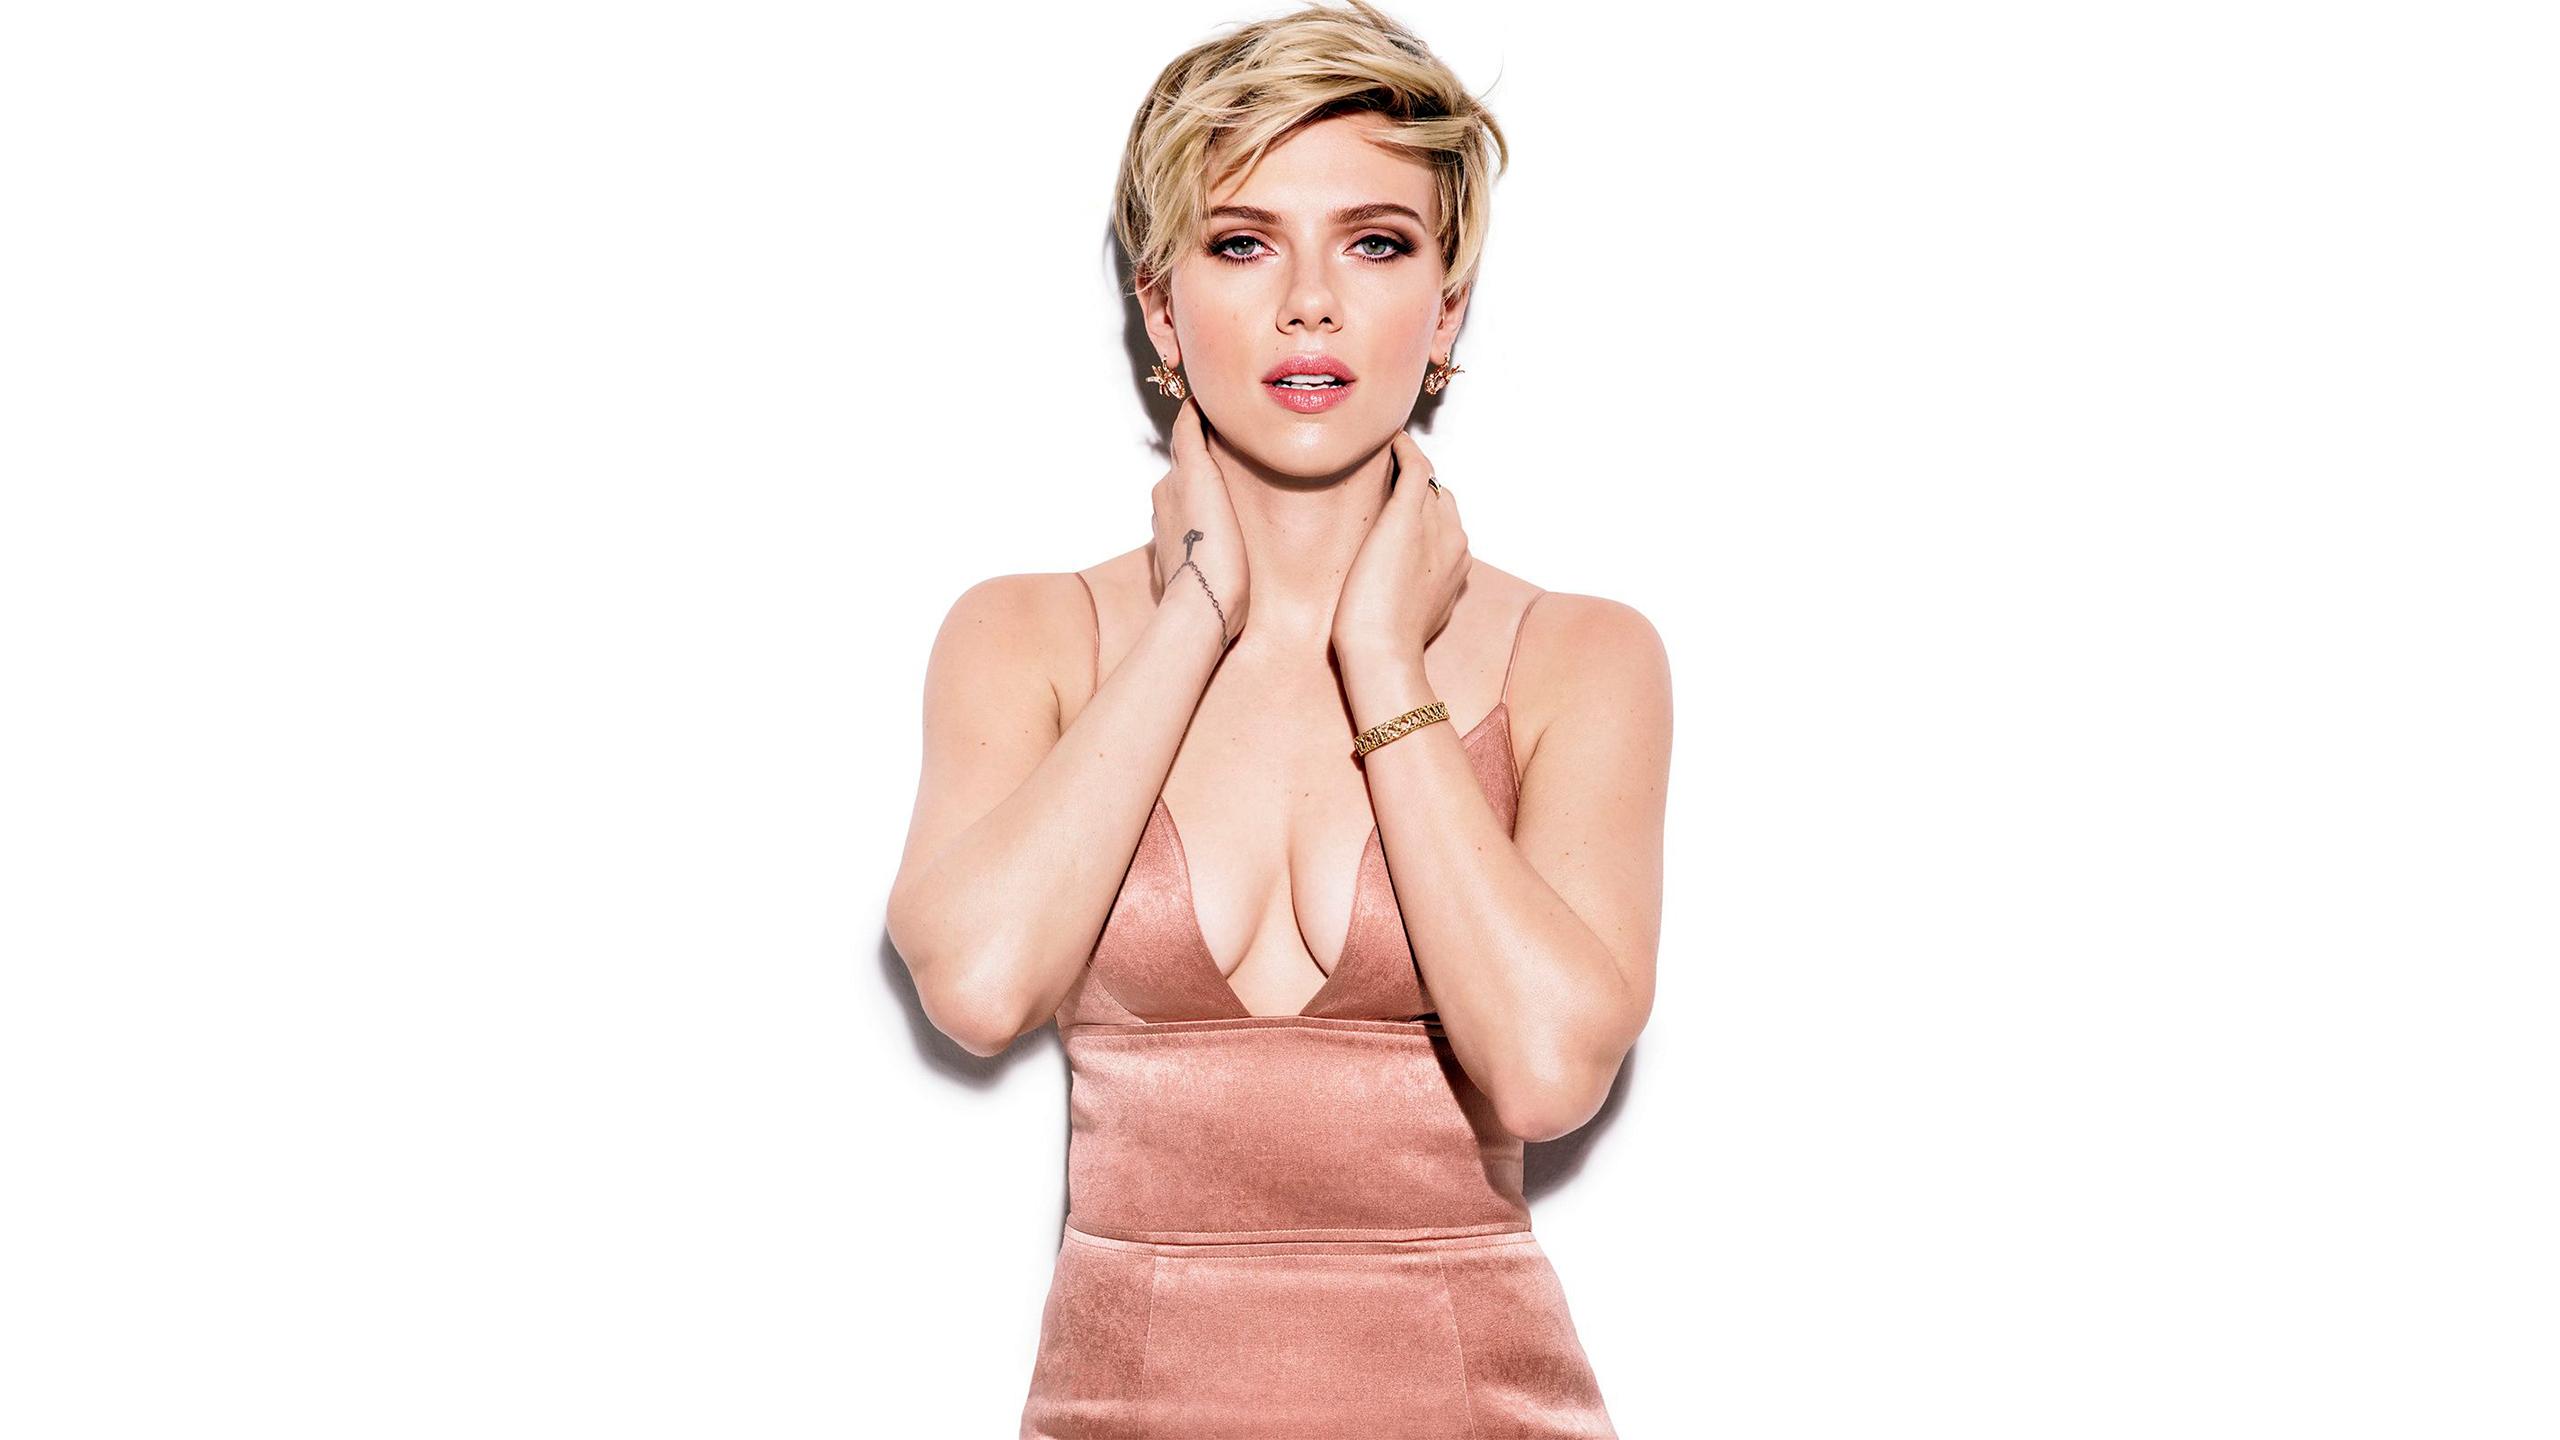 Scarlett Johansson Cosmopolitan 2017, HD Celebrities, 4k ...